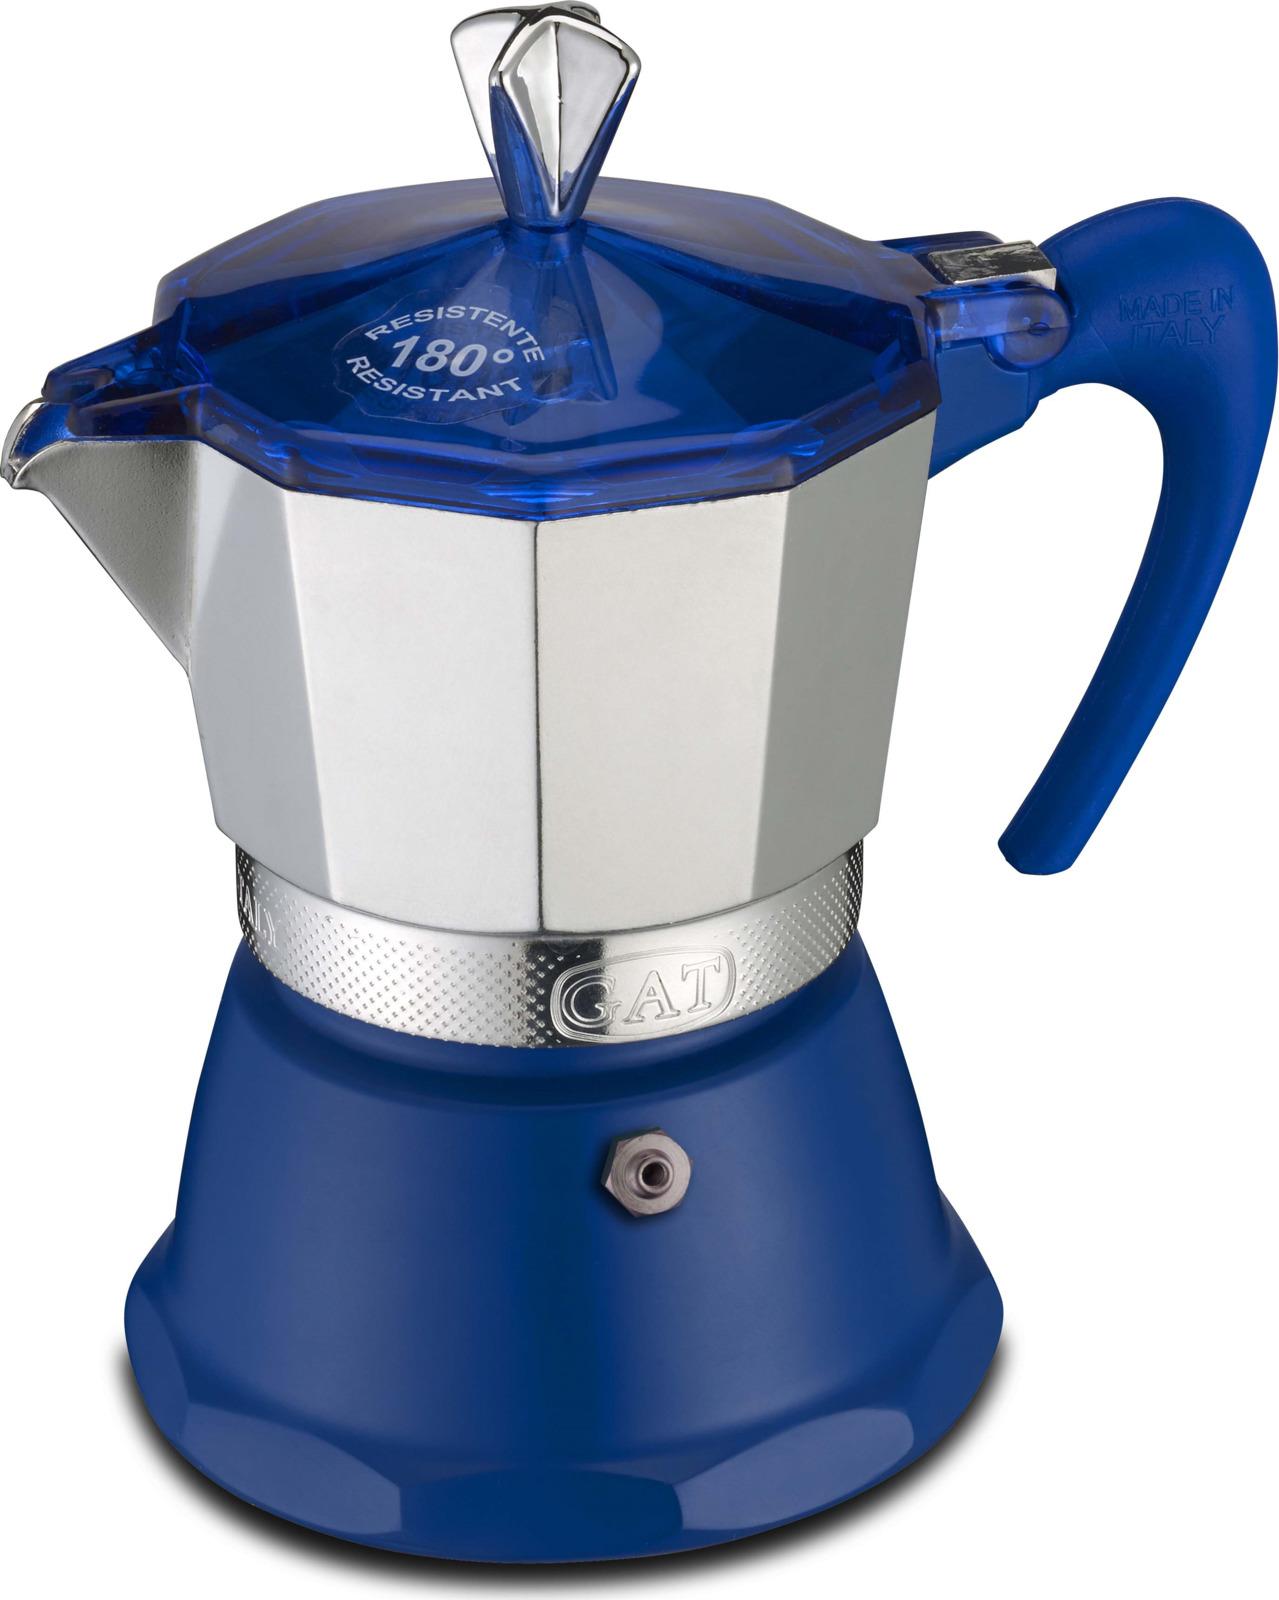 Кофеварка гейзерная G.A.T. 106003 FANTASIA. Гейзерная кофеварка - это отличная возможность побаловать себя чашечкой великолепного ароматного кофе. Кофеварка рассчитана на 3 чашки. За считанные минуты прибор приготовит ваш любимый напиток и моментально наполнит кухню изумительным ароматом. Прочная алюминиевая основа придает кофеварке легкость и надежность, а стильный дизайн добавит кухонному интерьеру элегантности и особого шарма. Основные отличительные особенности кофеварок Fantasia: удобный носик для наливания кофе, стильный ремень, соединяющий верхнюю и нижнюю части кофеварки, специальное внутреннее покрытие, обеспечивающее легкую очистку и обслуживание, ручка из термостойкого пластика, полупрозрачная крышка, позволяющая наблюдать за процессом приготовления, кофеварка подходит для использования на всех типах плит, в том числе и индукционных.